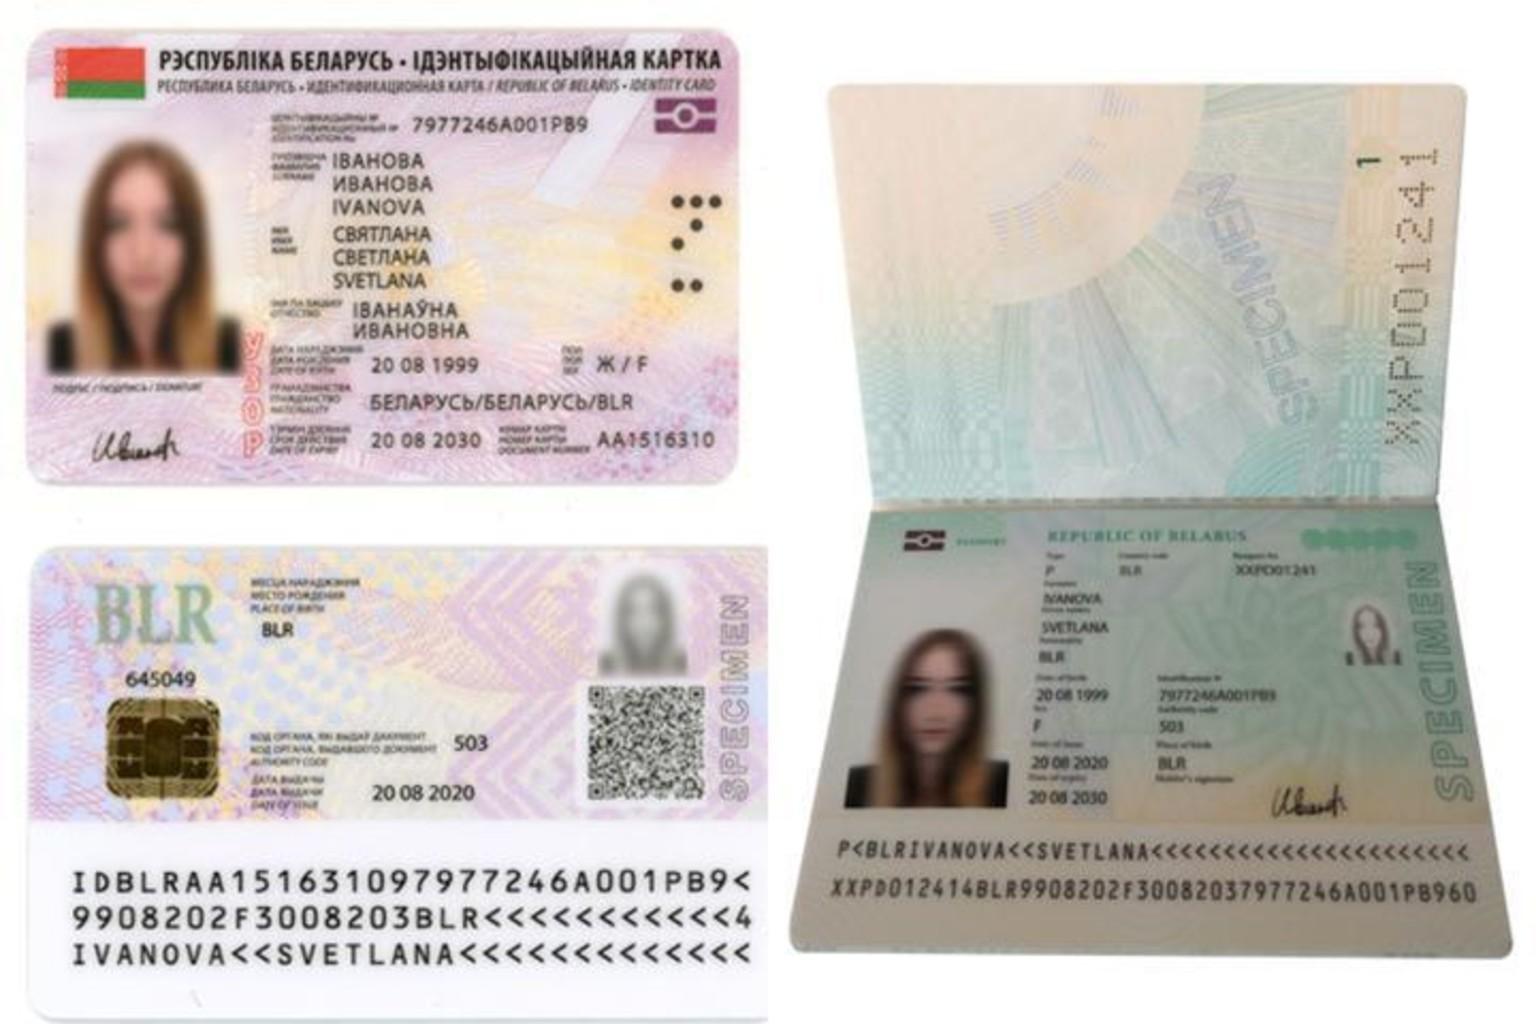 Biometricheskie dokumenty